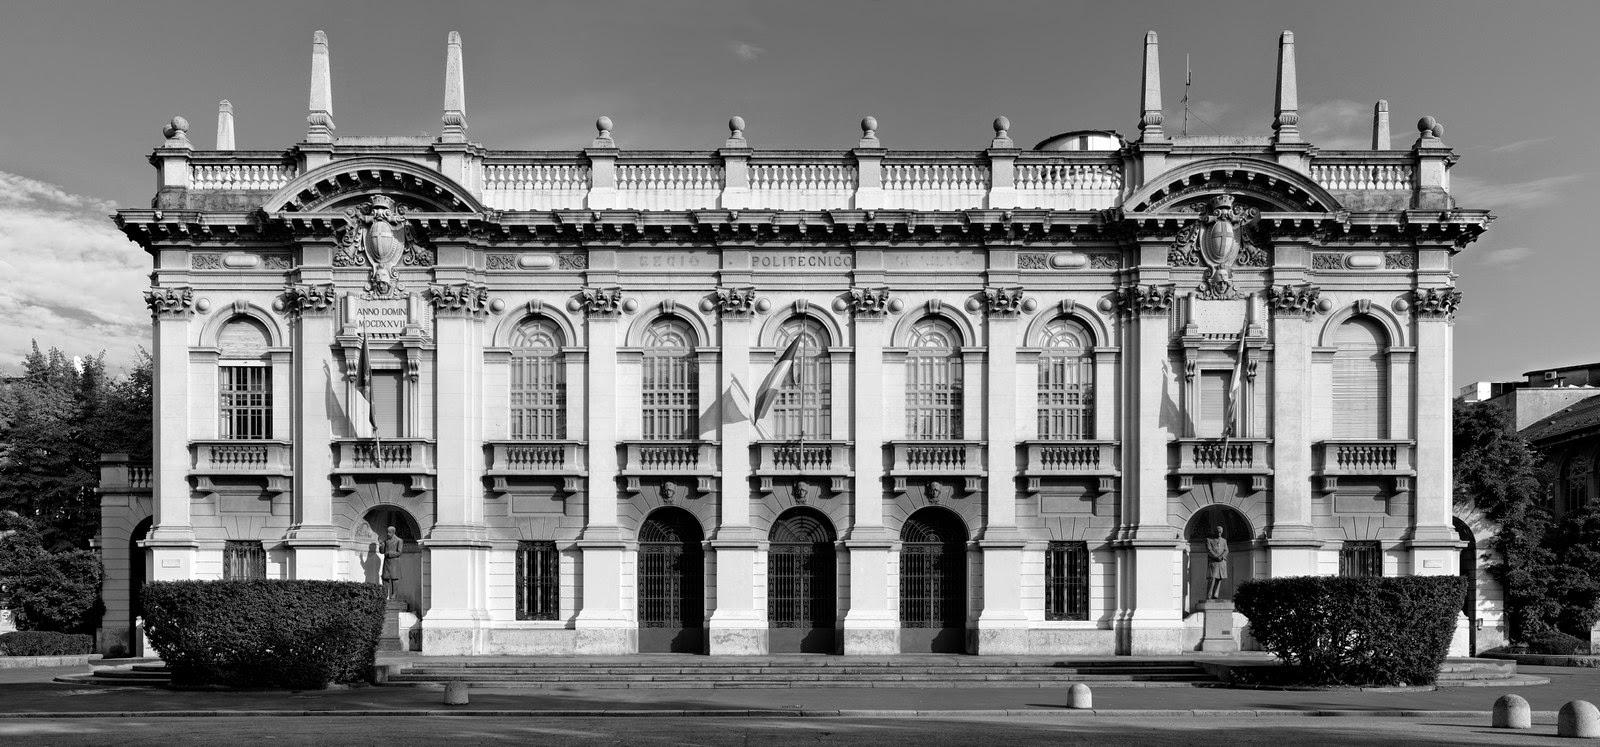 Riflessi studiare a milano il politecnico for Architettura politecnico di milano